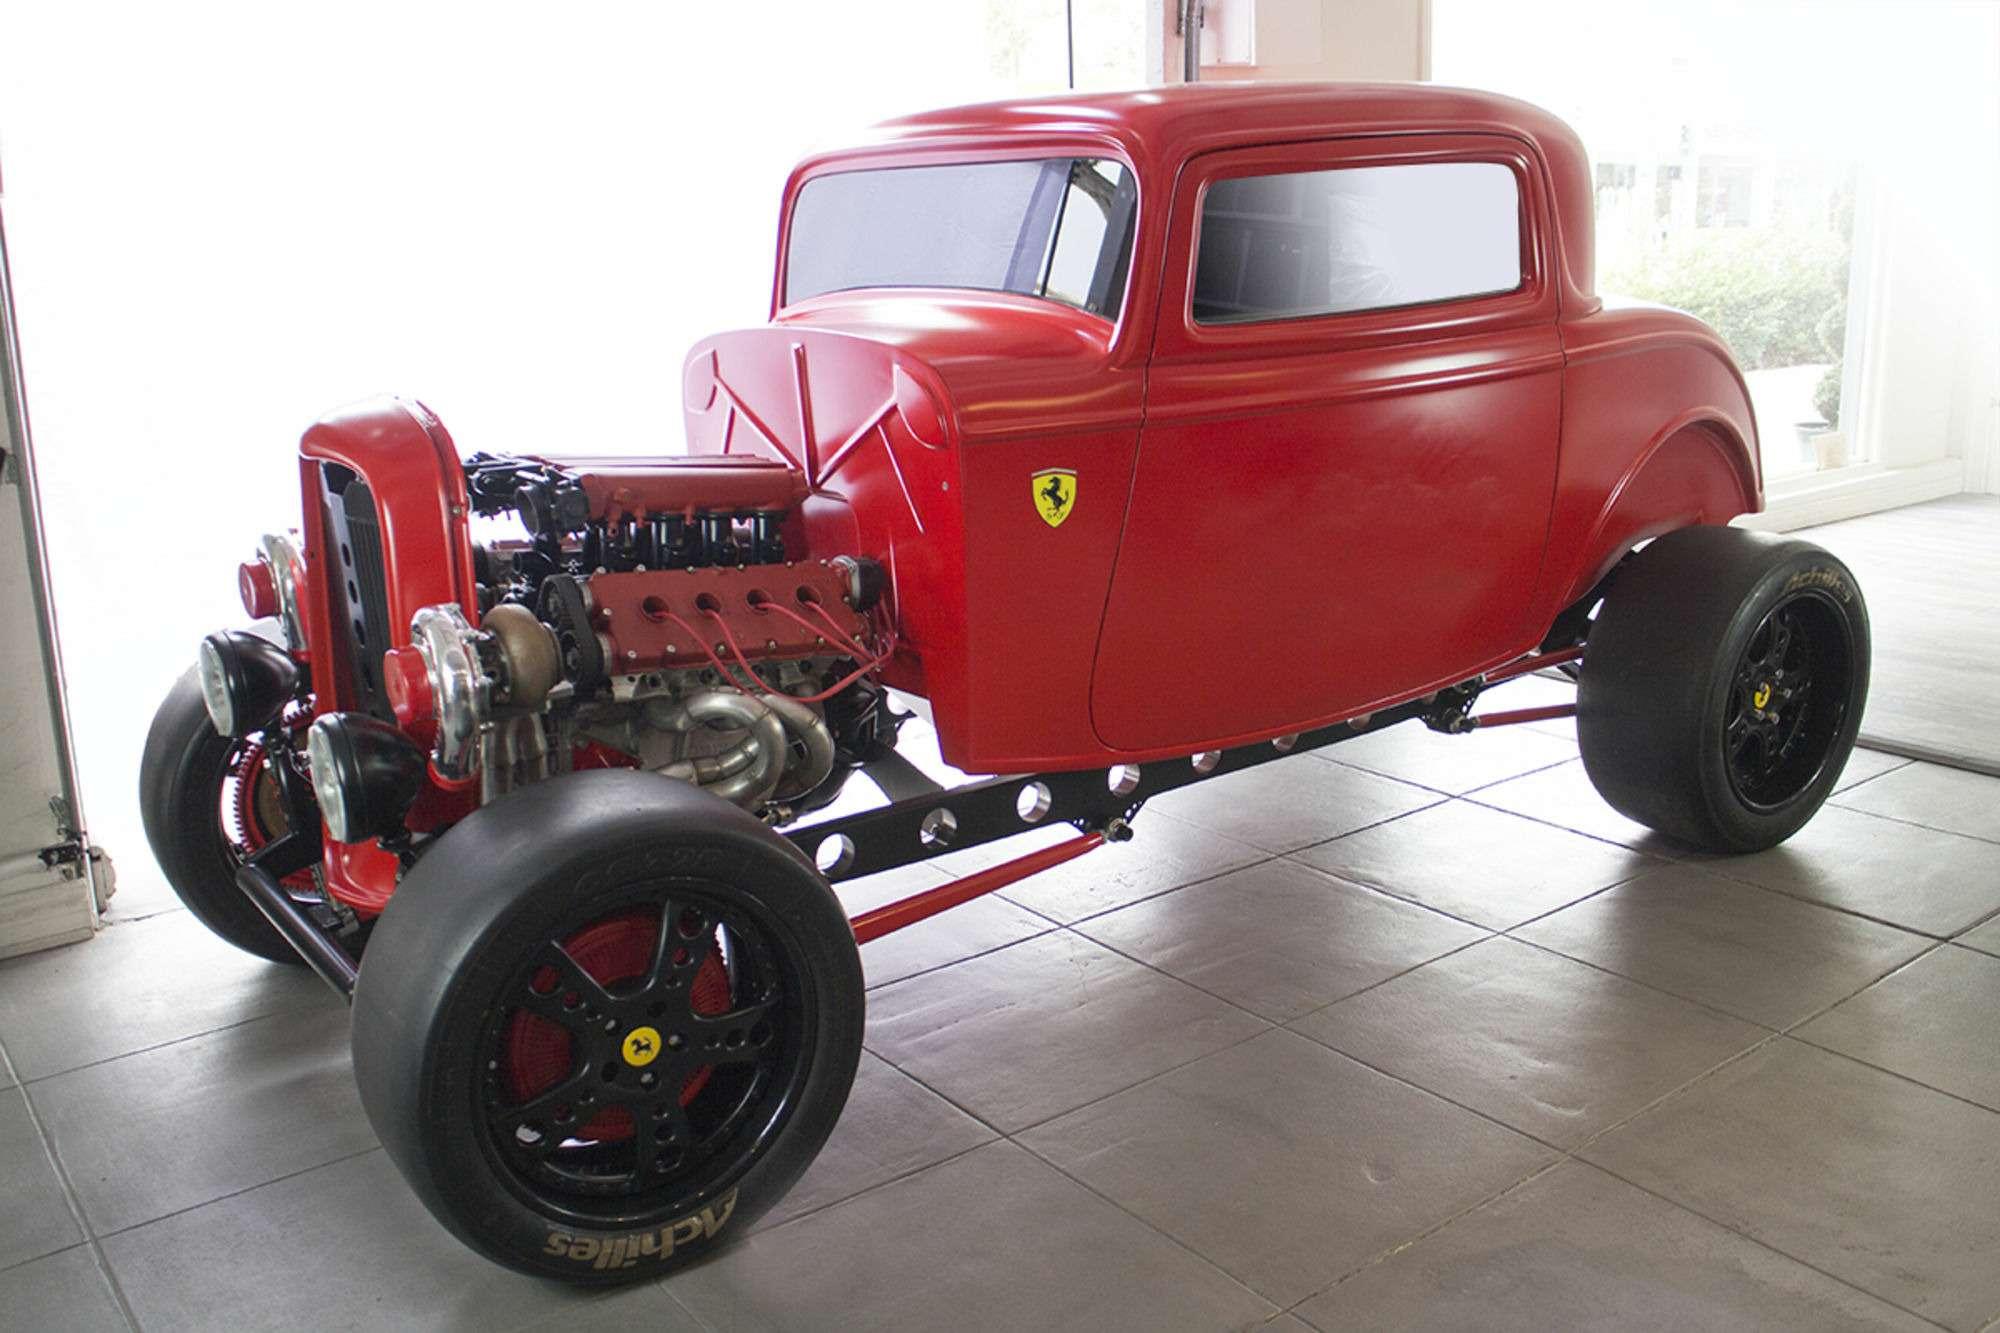 i2MrbpMFNG04wVFV014iOg - Энцо перевернулсябы вгробу: Ford 1932 года сдвигателем Ferrari